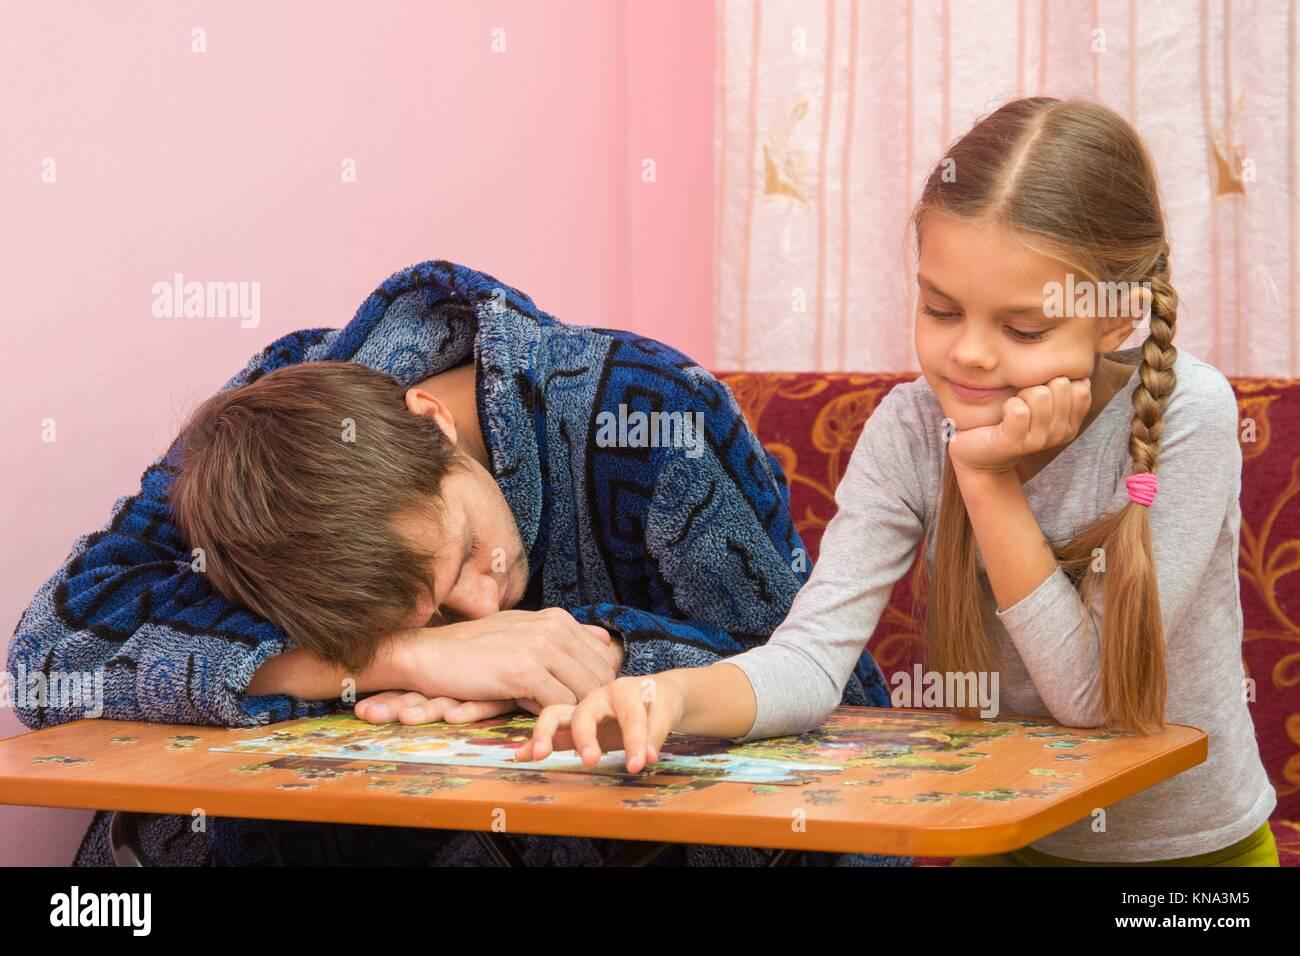 Трахнул старшую дочку, Отец трахнул дочь в красивом видео hd 720 9 фотография